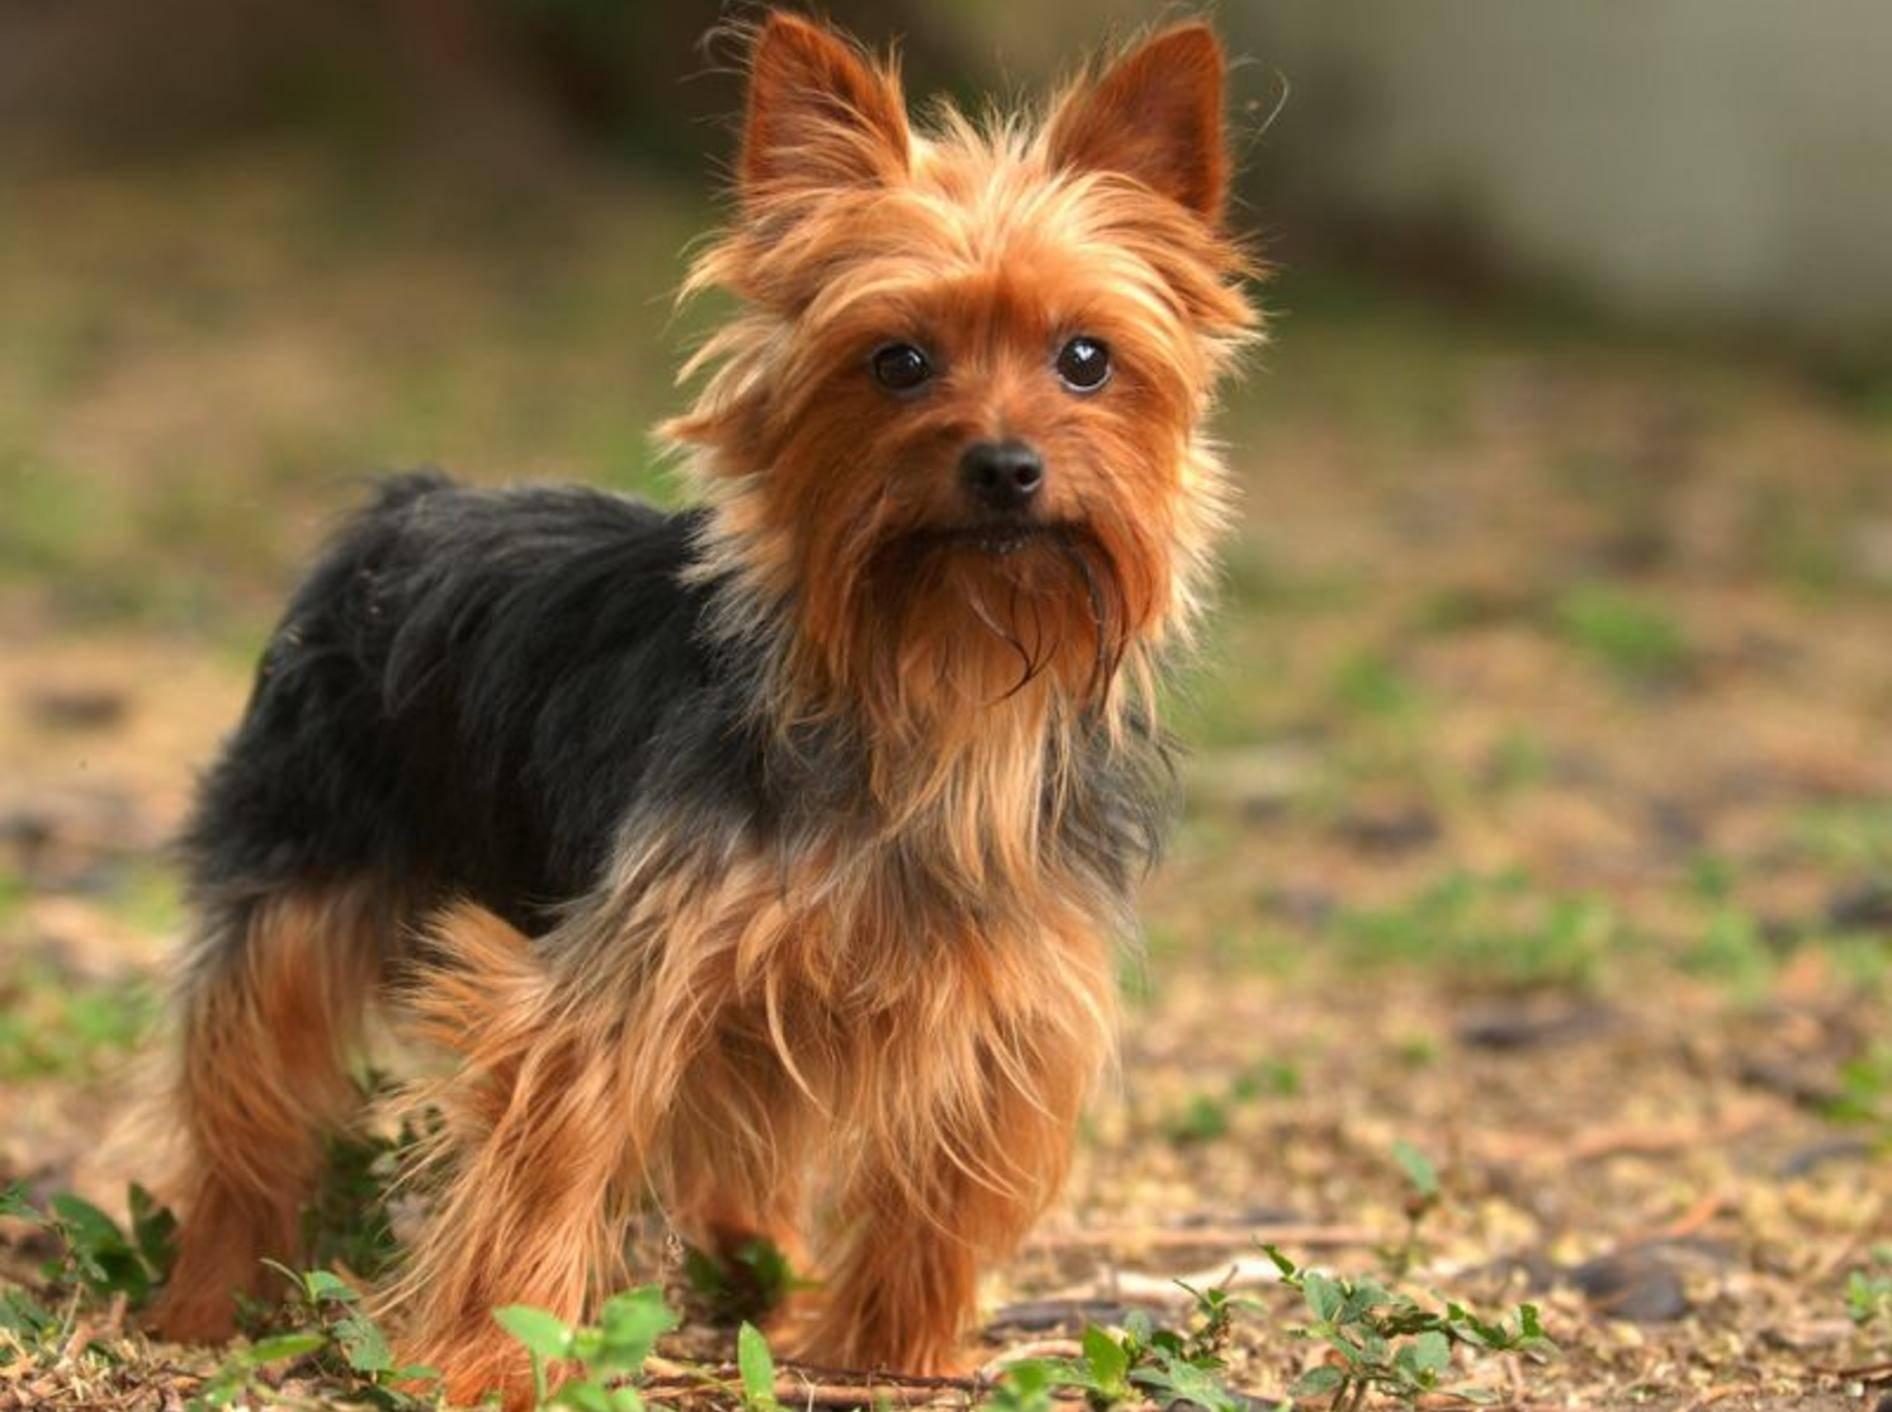 Der Yorkshire Terrier gehört zu den kleinsten Hunderassen. Er wird oft gerade einmal 20 Zentimeter hoch und wiegt etwa 3 Kilo – Bild: Shutterstock / Michael D. Skelton